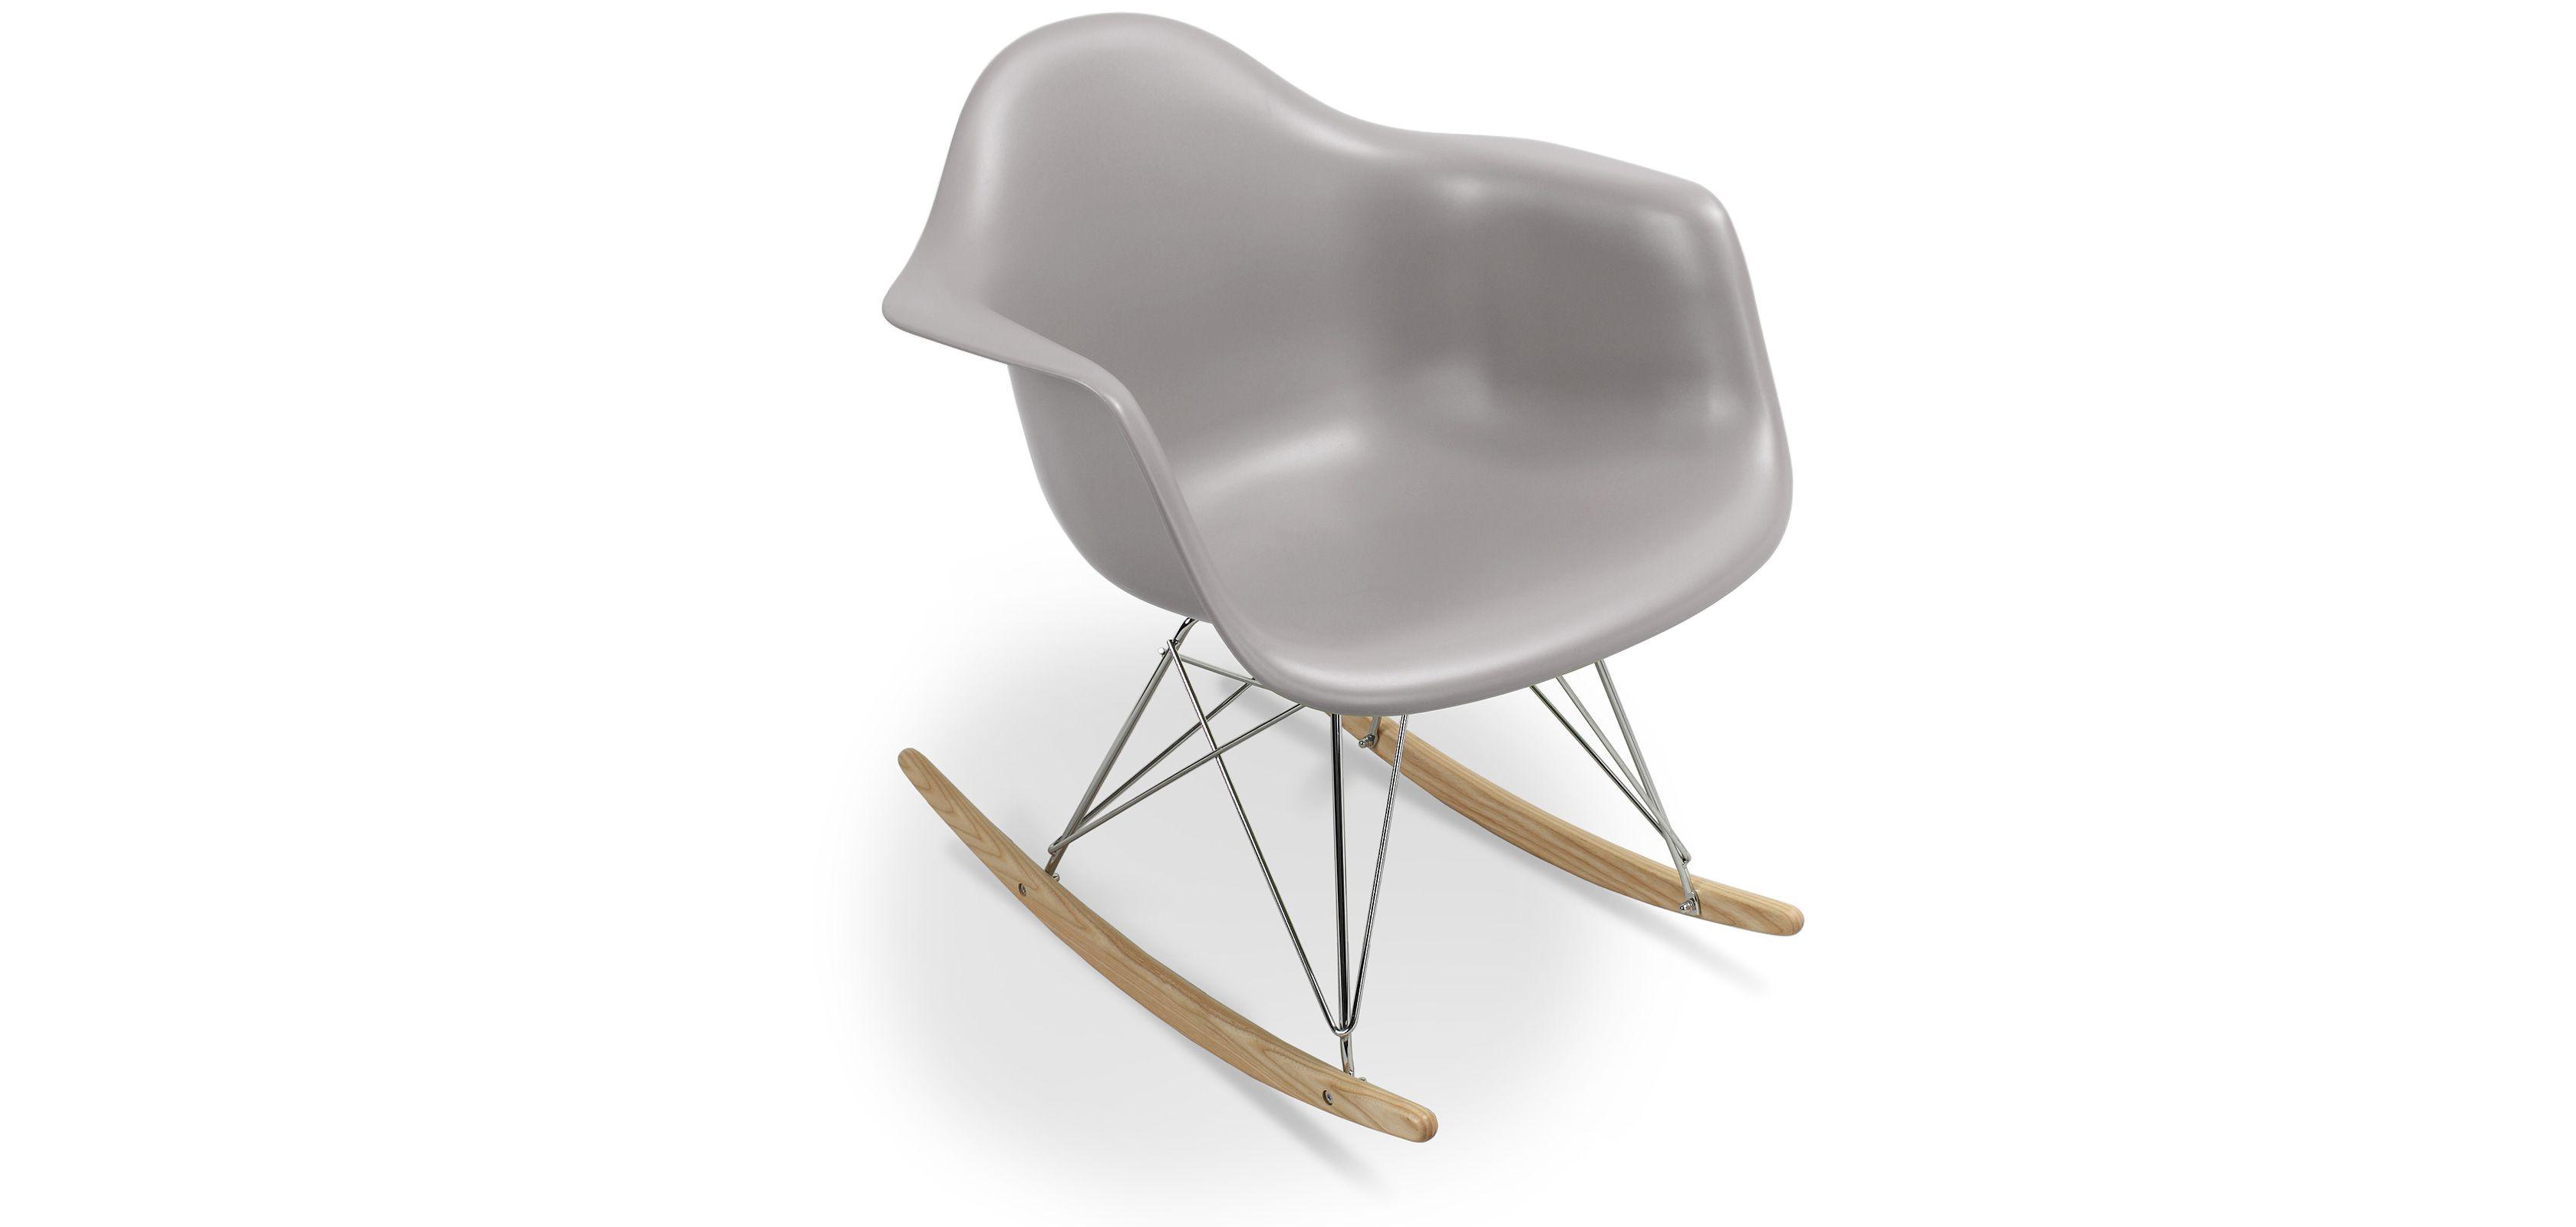 Chaise à bascule - Rocking Chair - RAR Charles Eames - Bakélite ... 7f6720fdd13d